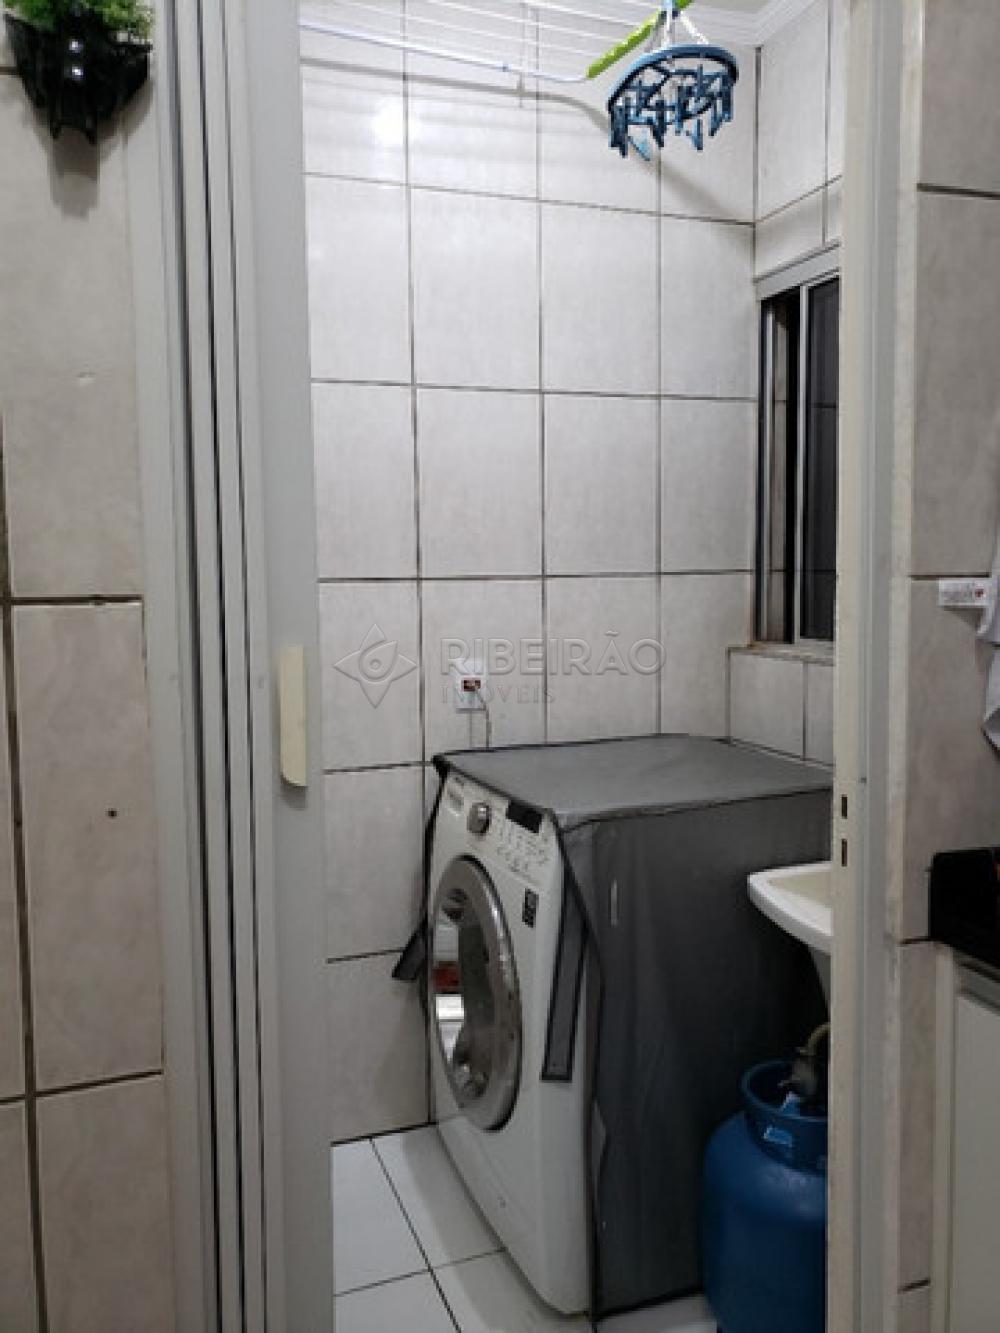 Comprar Apartamento / Padrão em Ribeirão Preto apenas R$ 141.000,00 - Foto 6